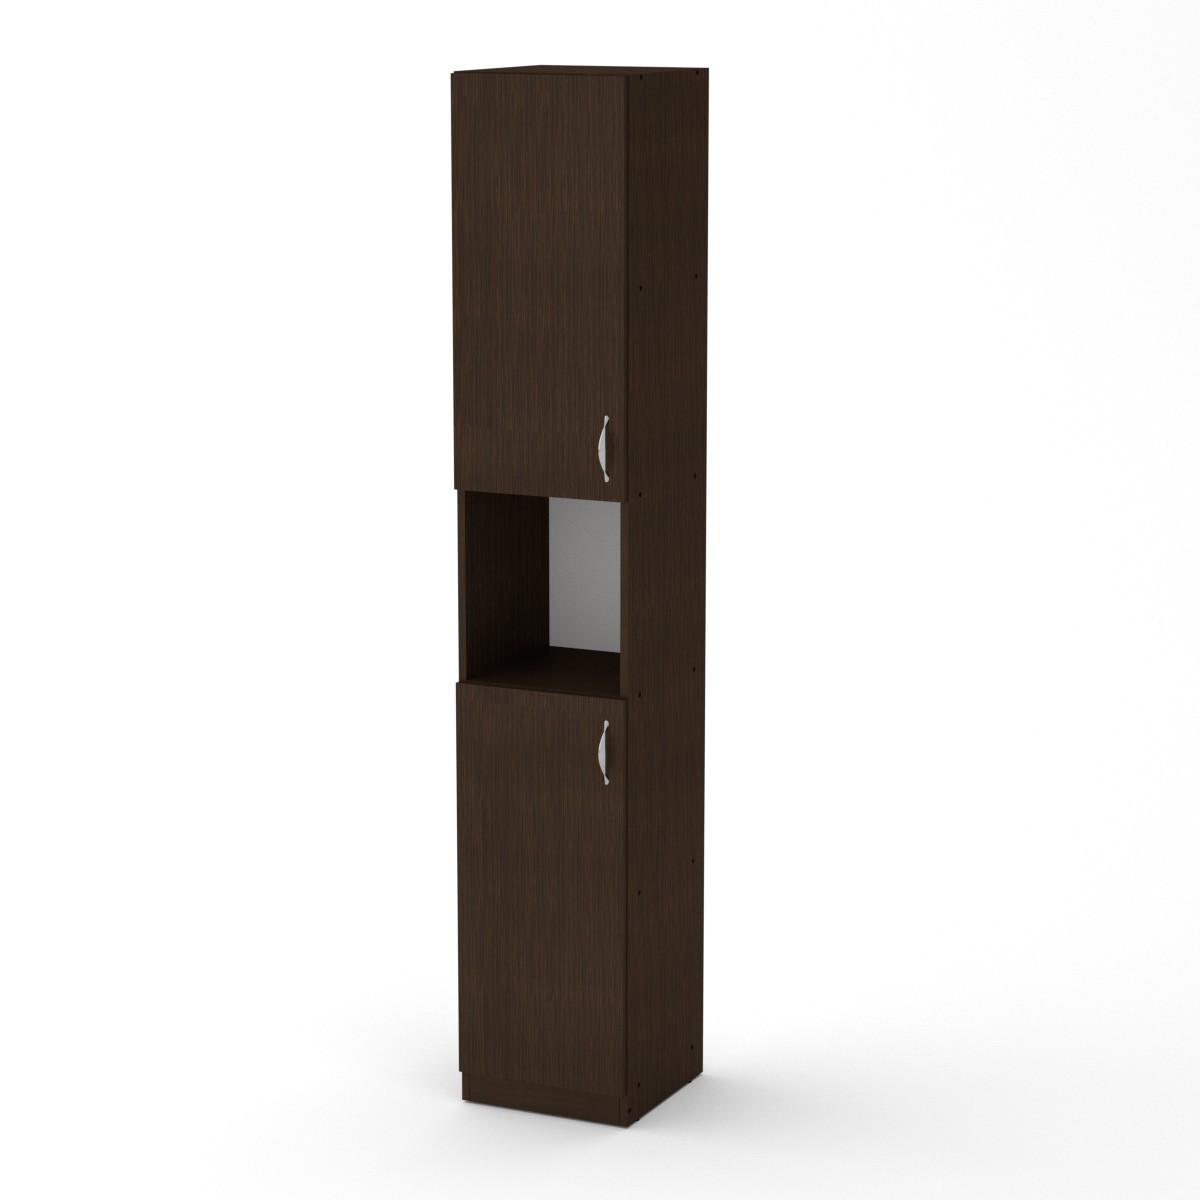 Шкаф книжный КШ-10 венге темный Компанит (35х37х195 см)